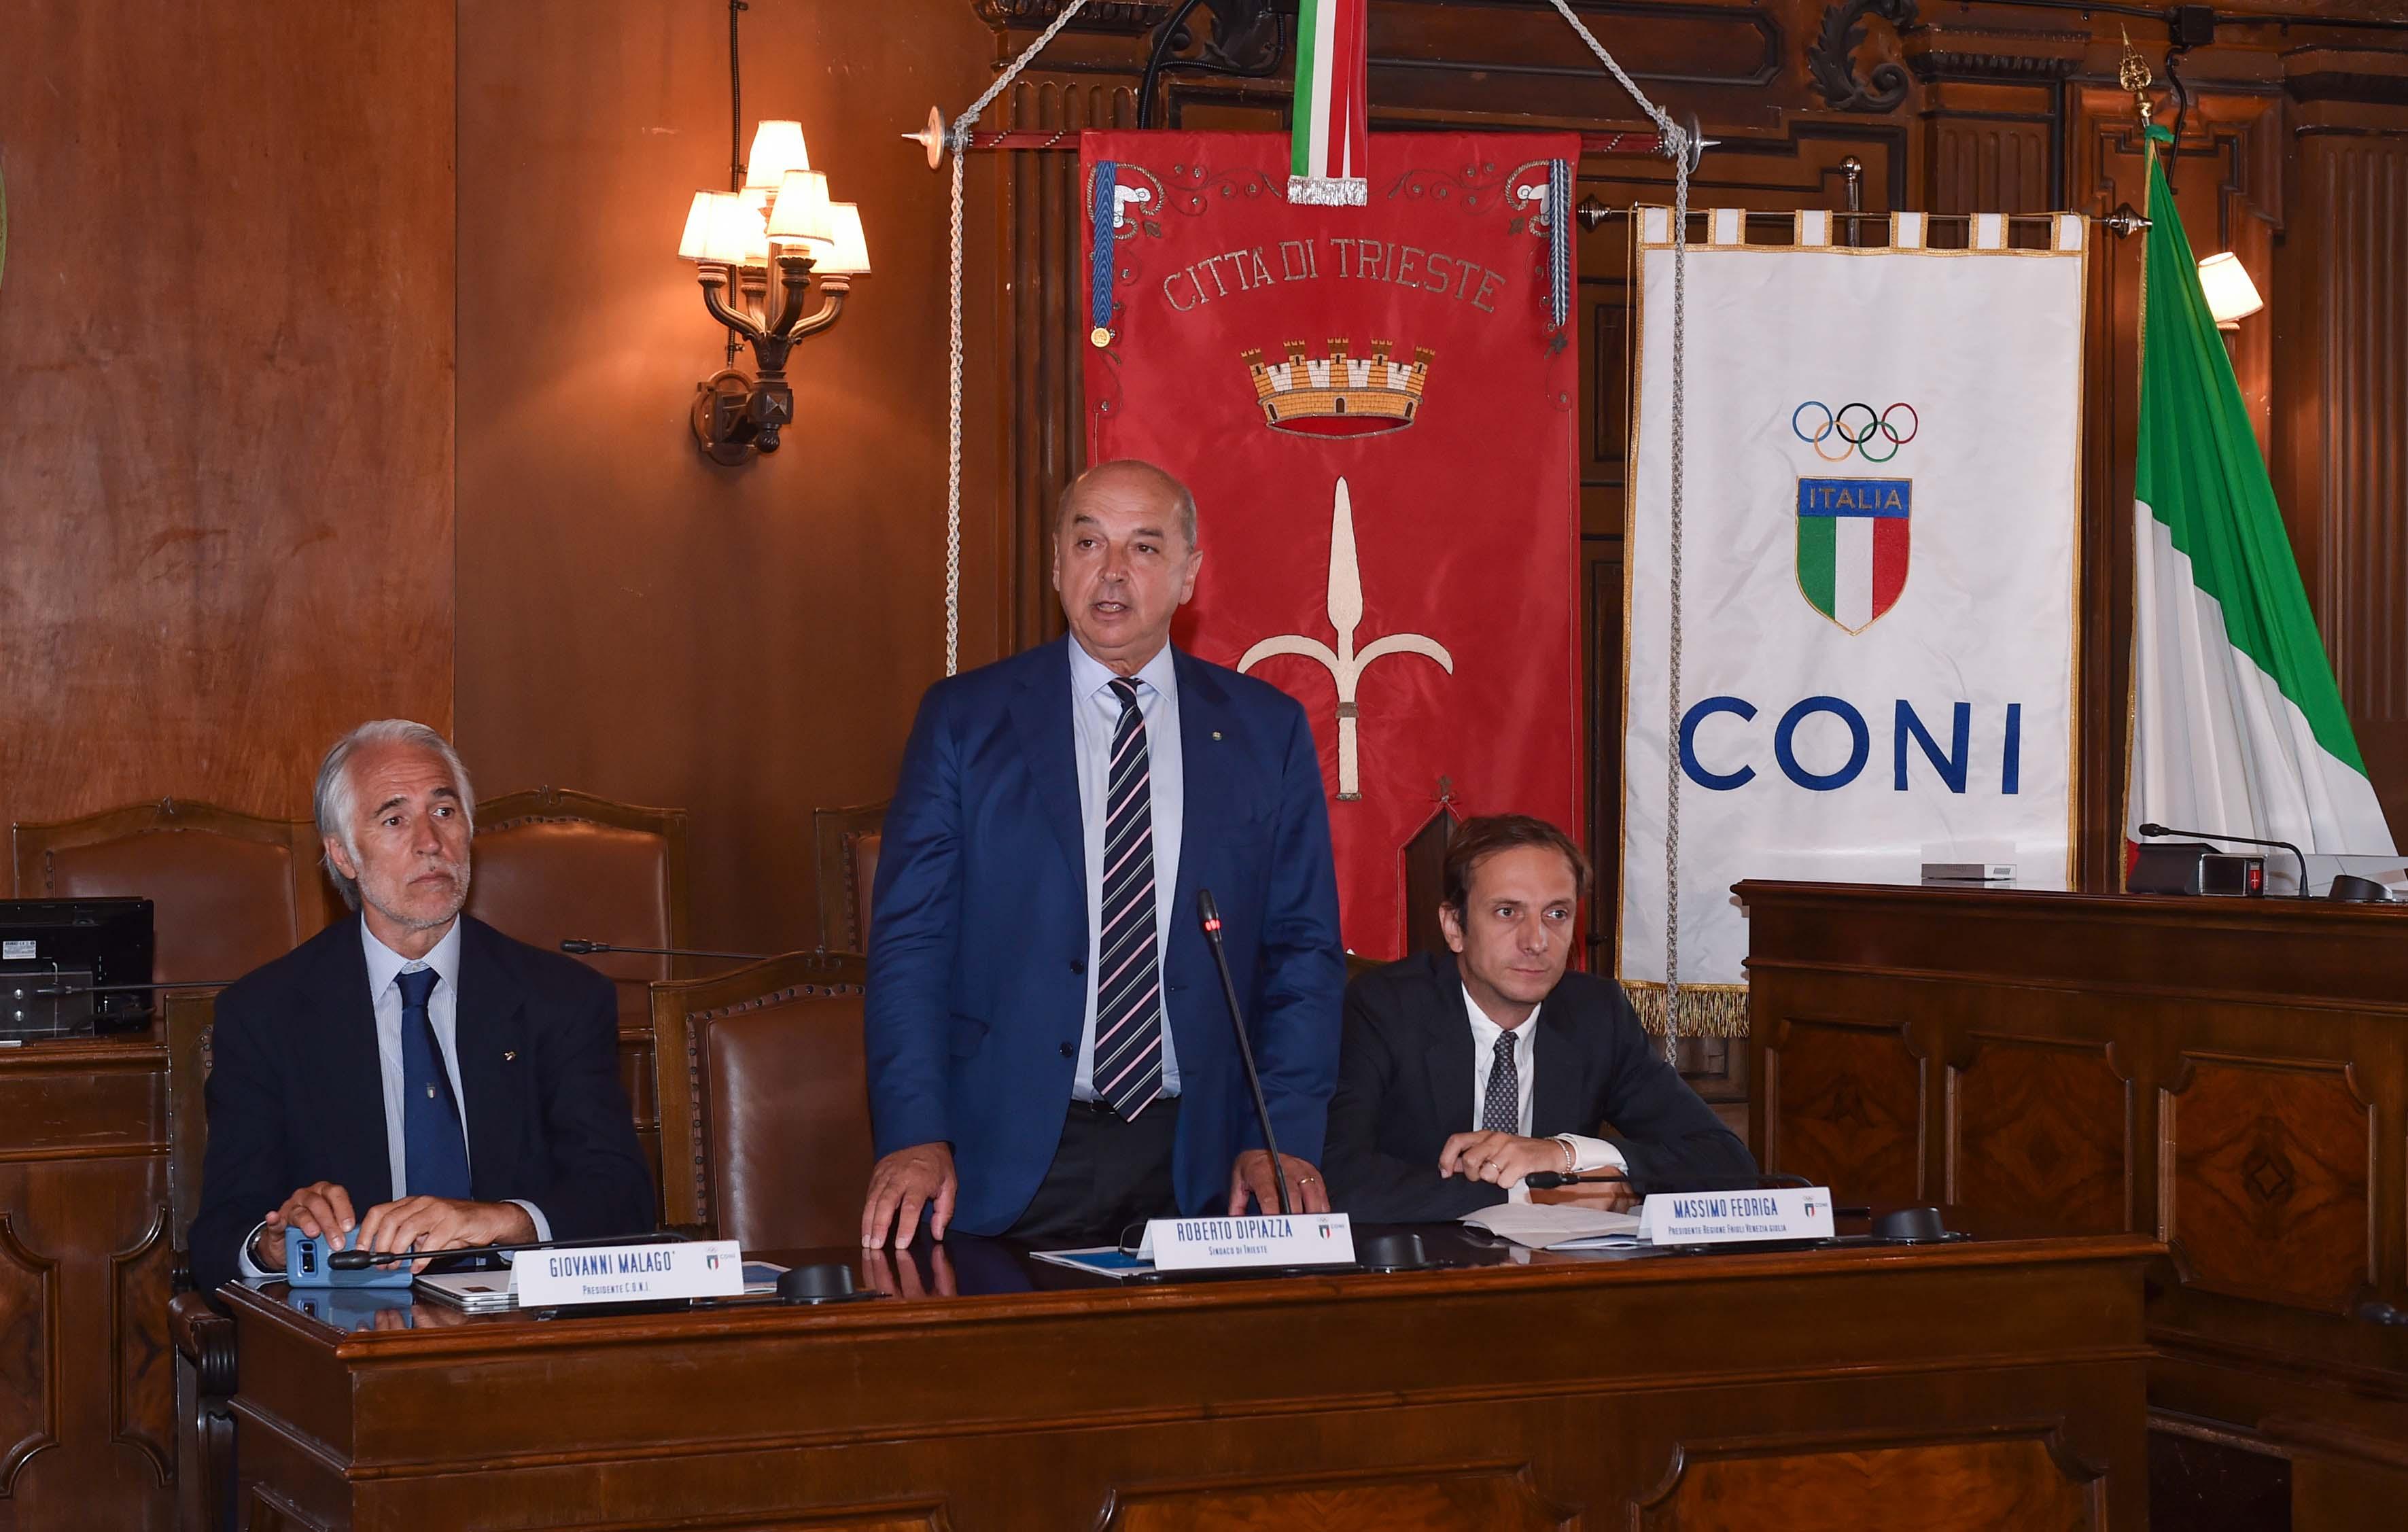 180612 0035 Trieste Giunta foto Simone Ferraro SFA_8530 copia